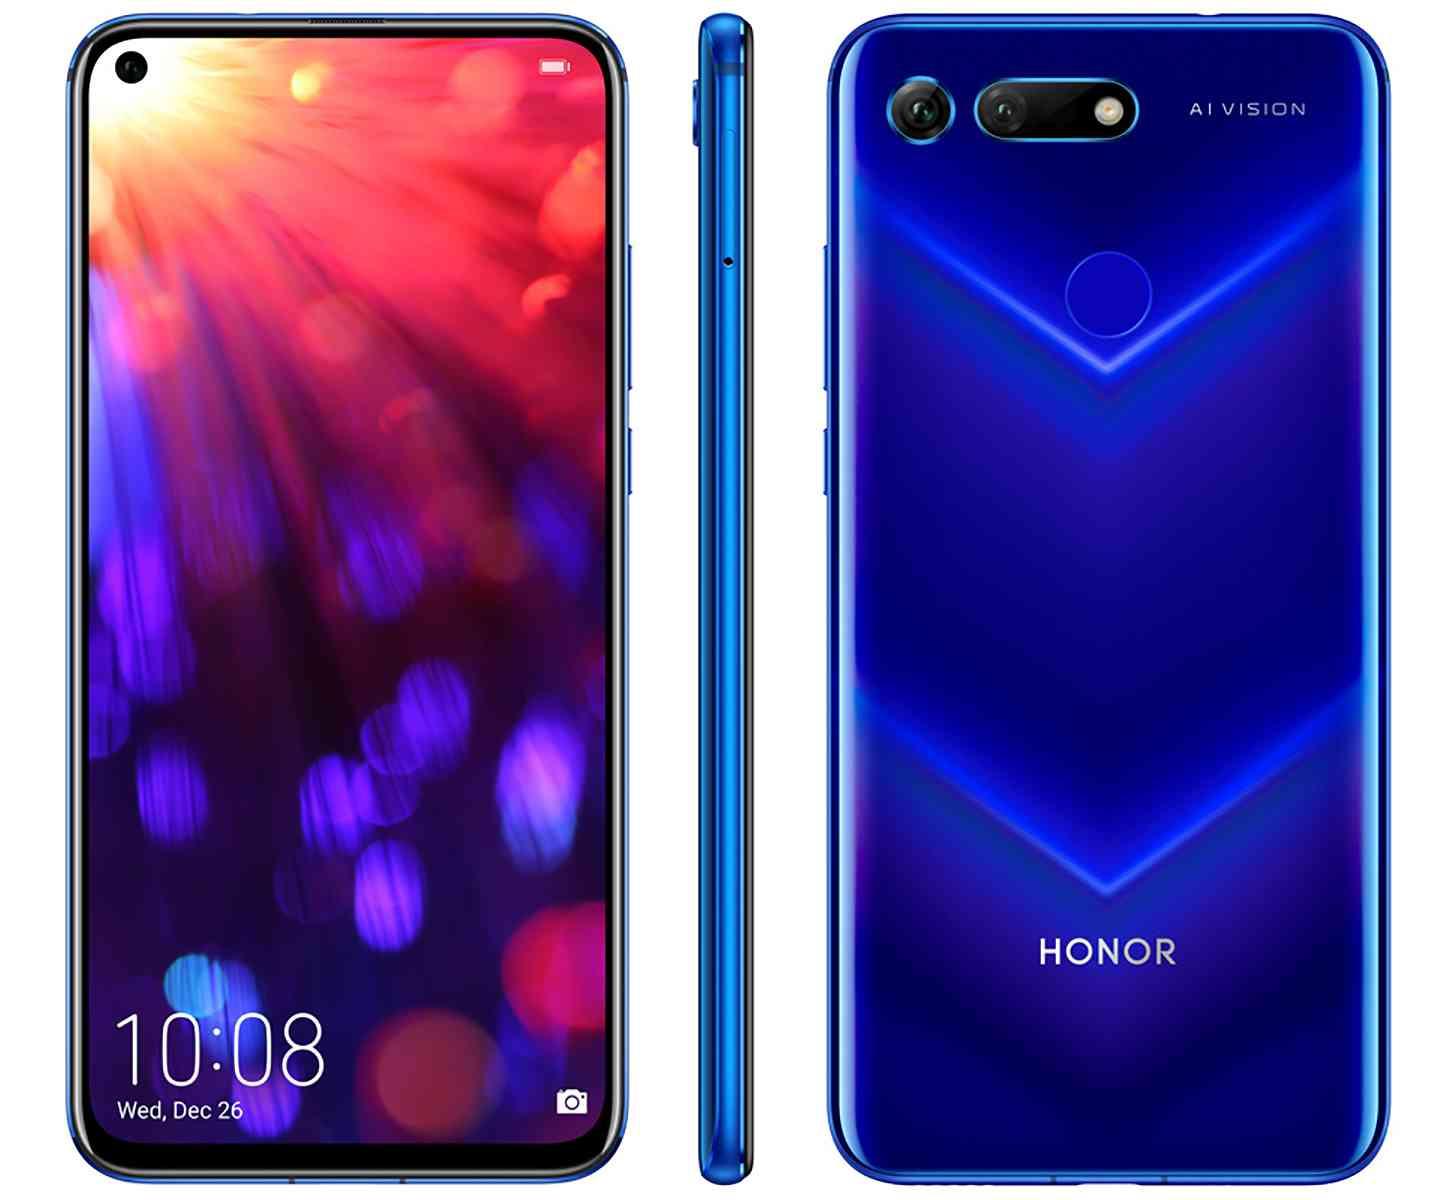 المقارنة الكاملة بين هاتفي الثقب في الشاشة هاتف Samsung Galaxy A8s وهاتف Honor View 20